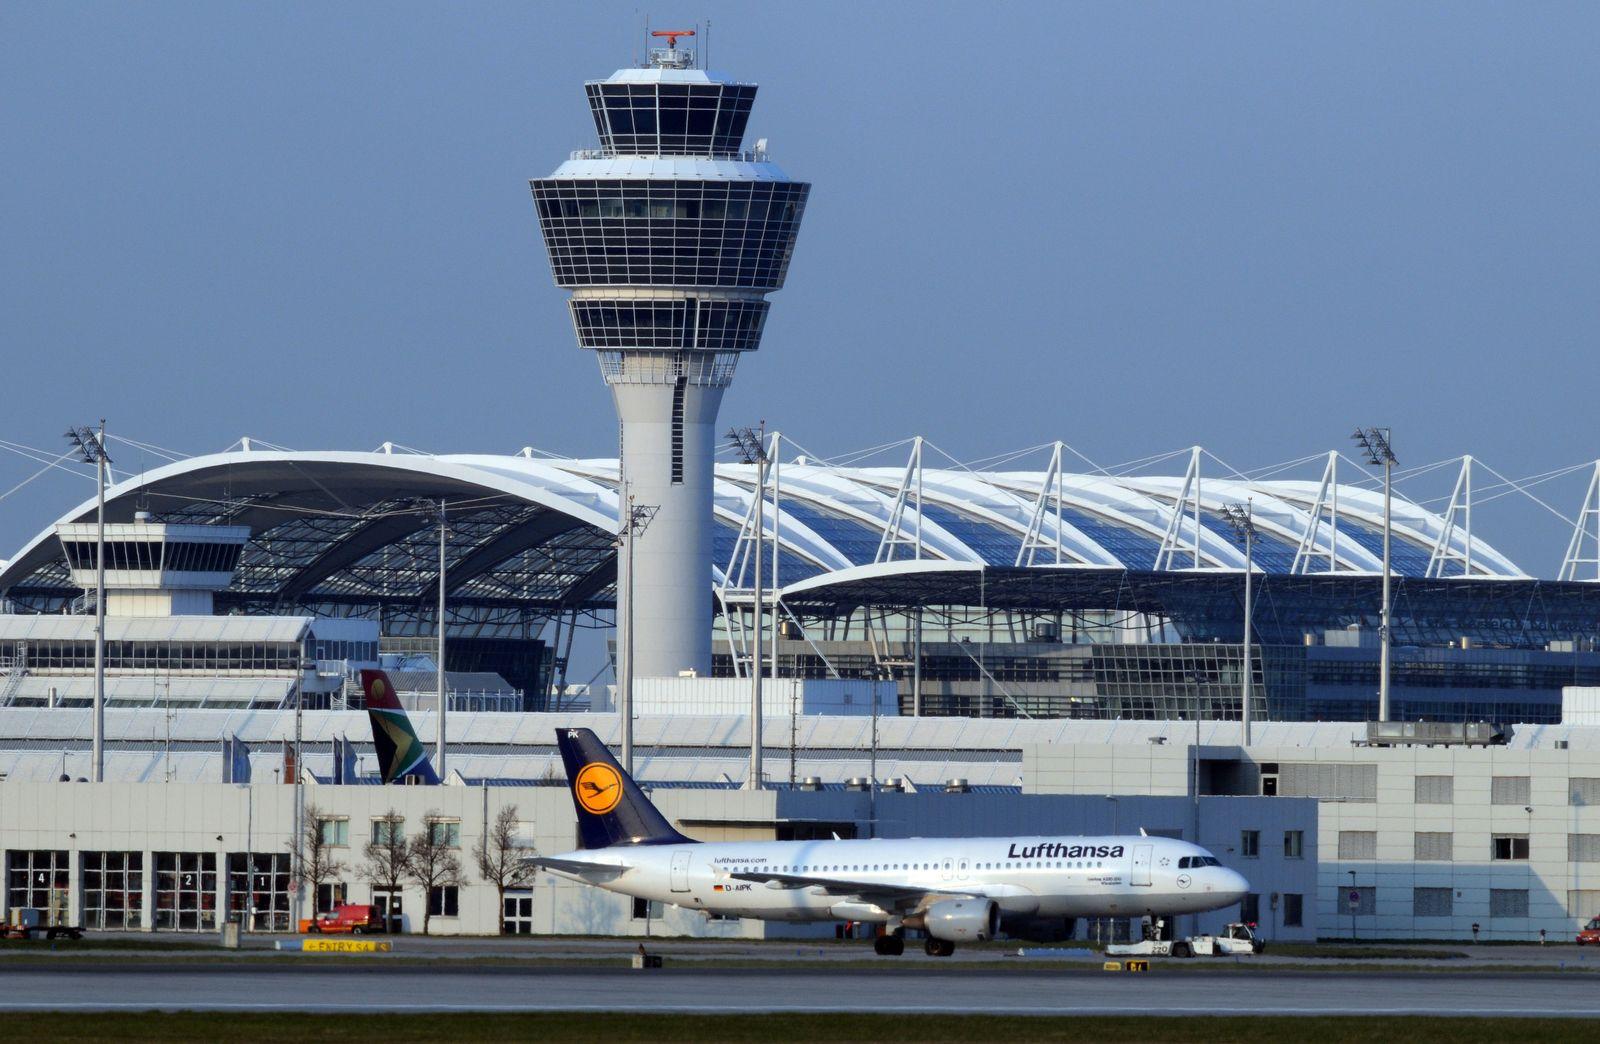 Flughafen / München